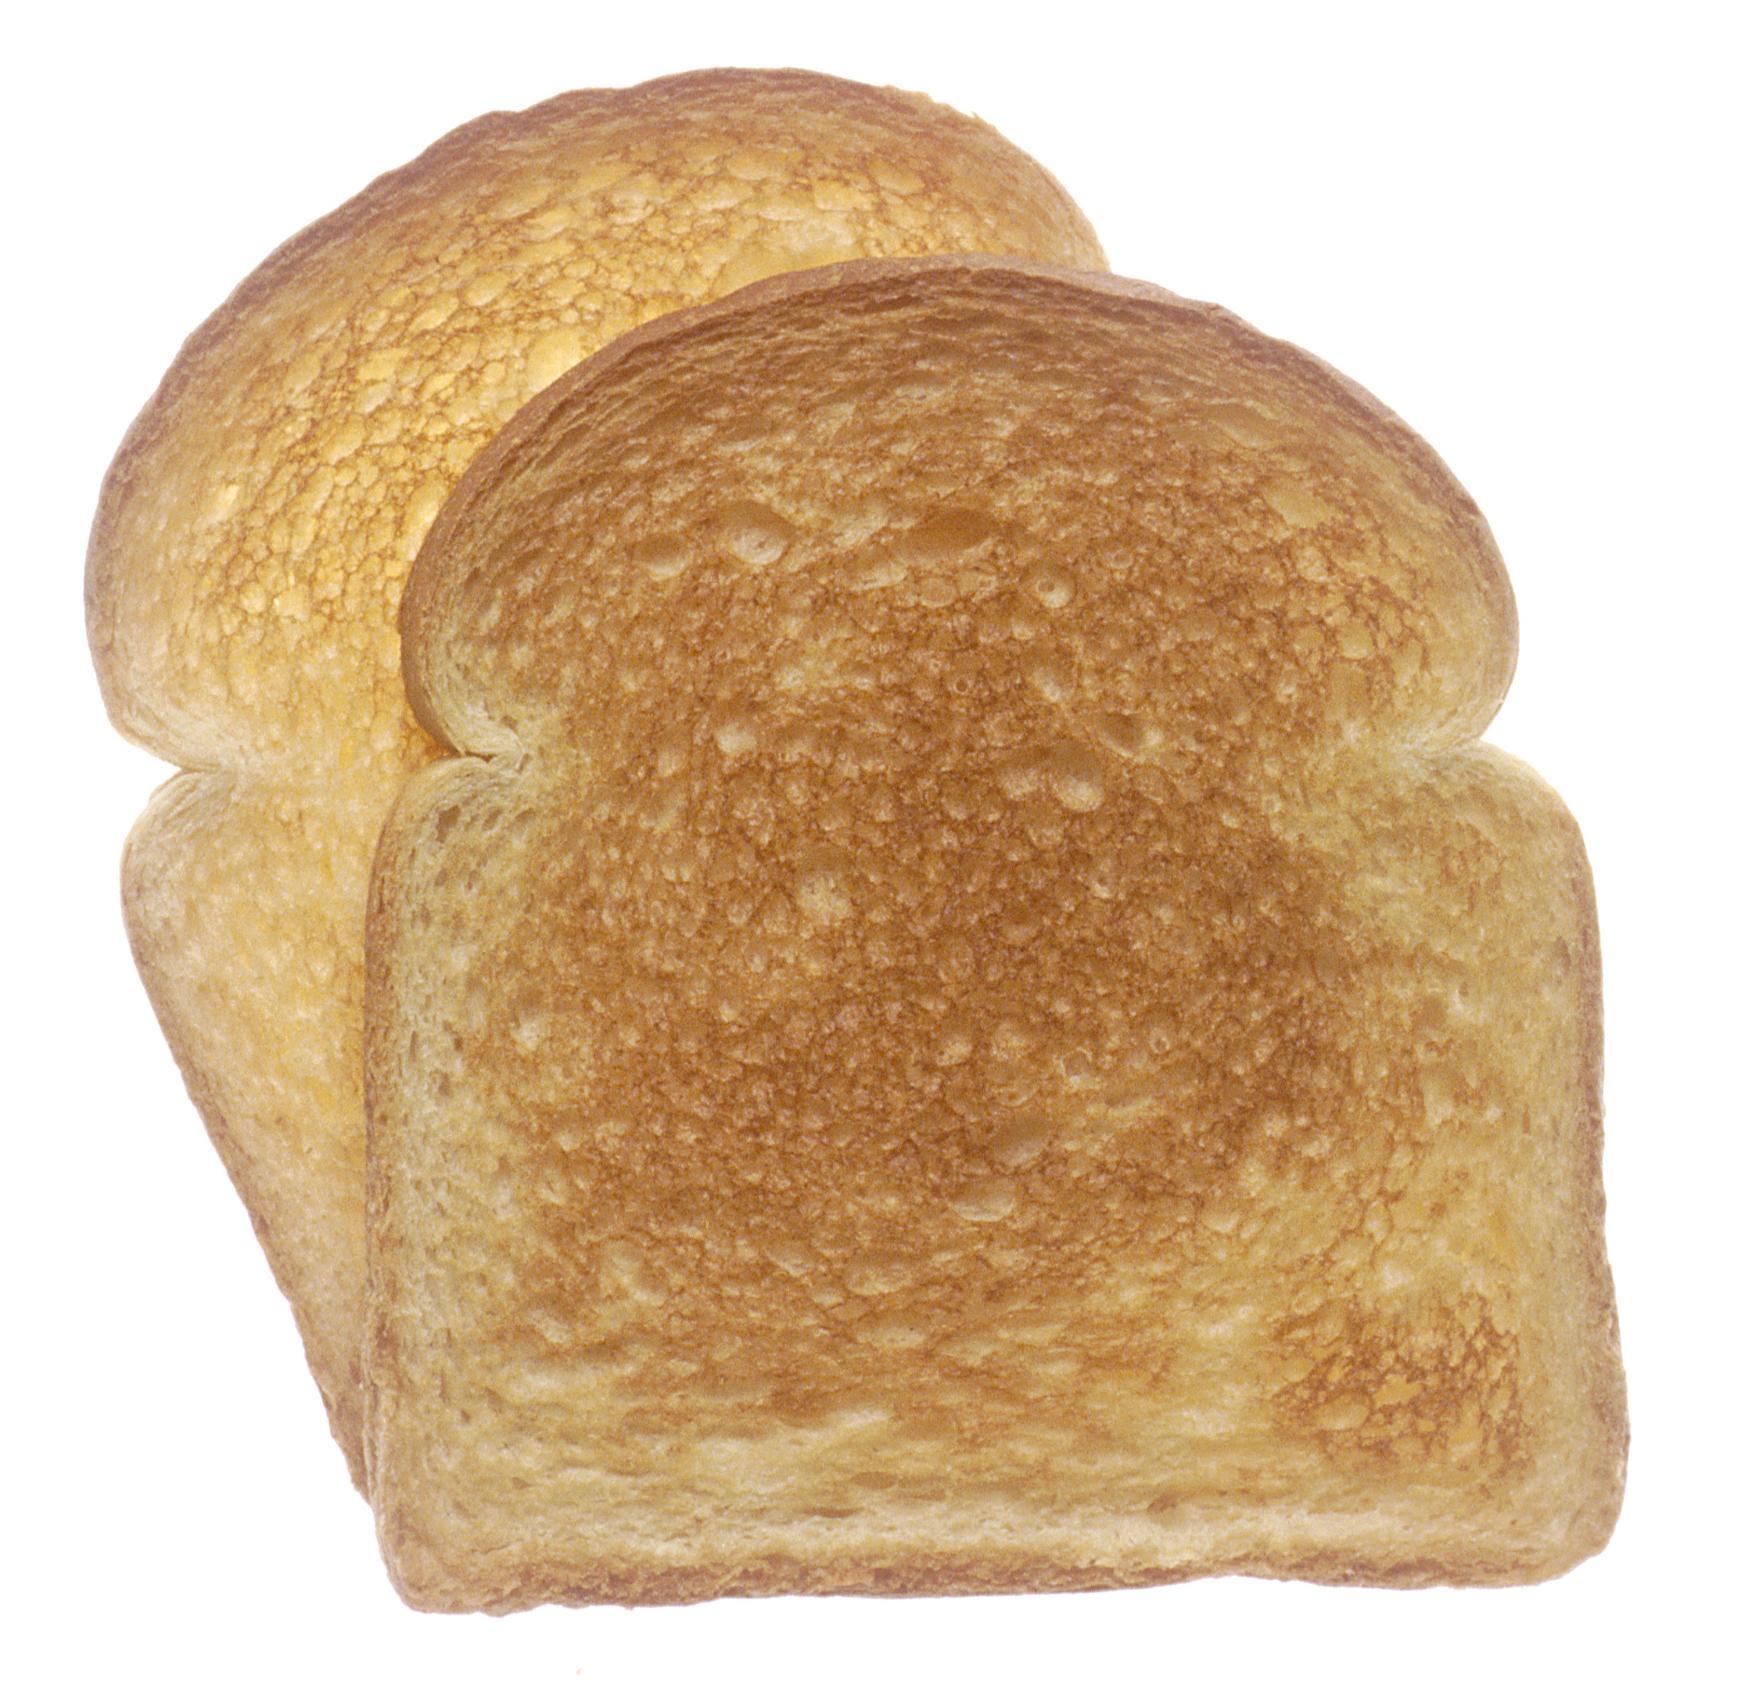 Il pane tostato può contenere quantità considerevoli di acrilamide